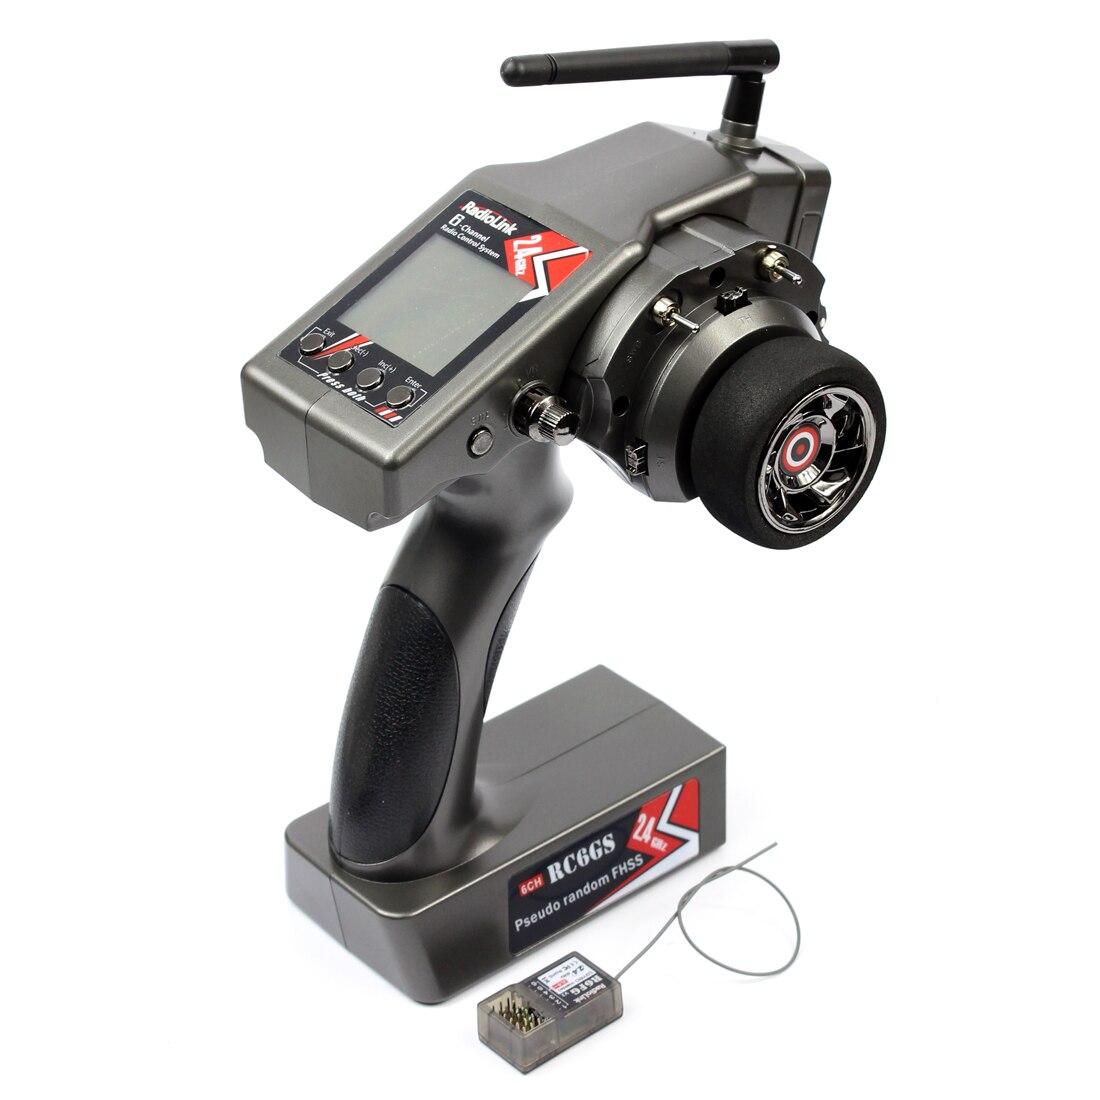 RadioLink RC6GS 2,4 г 6CH передатчик + R6FG гироскопа внутри приемник RX для Rc гоночный автомобиль дистанционное управление лодка 400 м расстояние